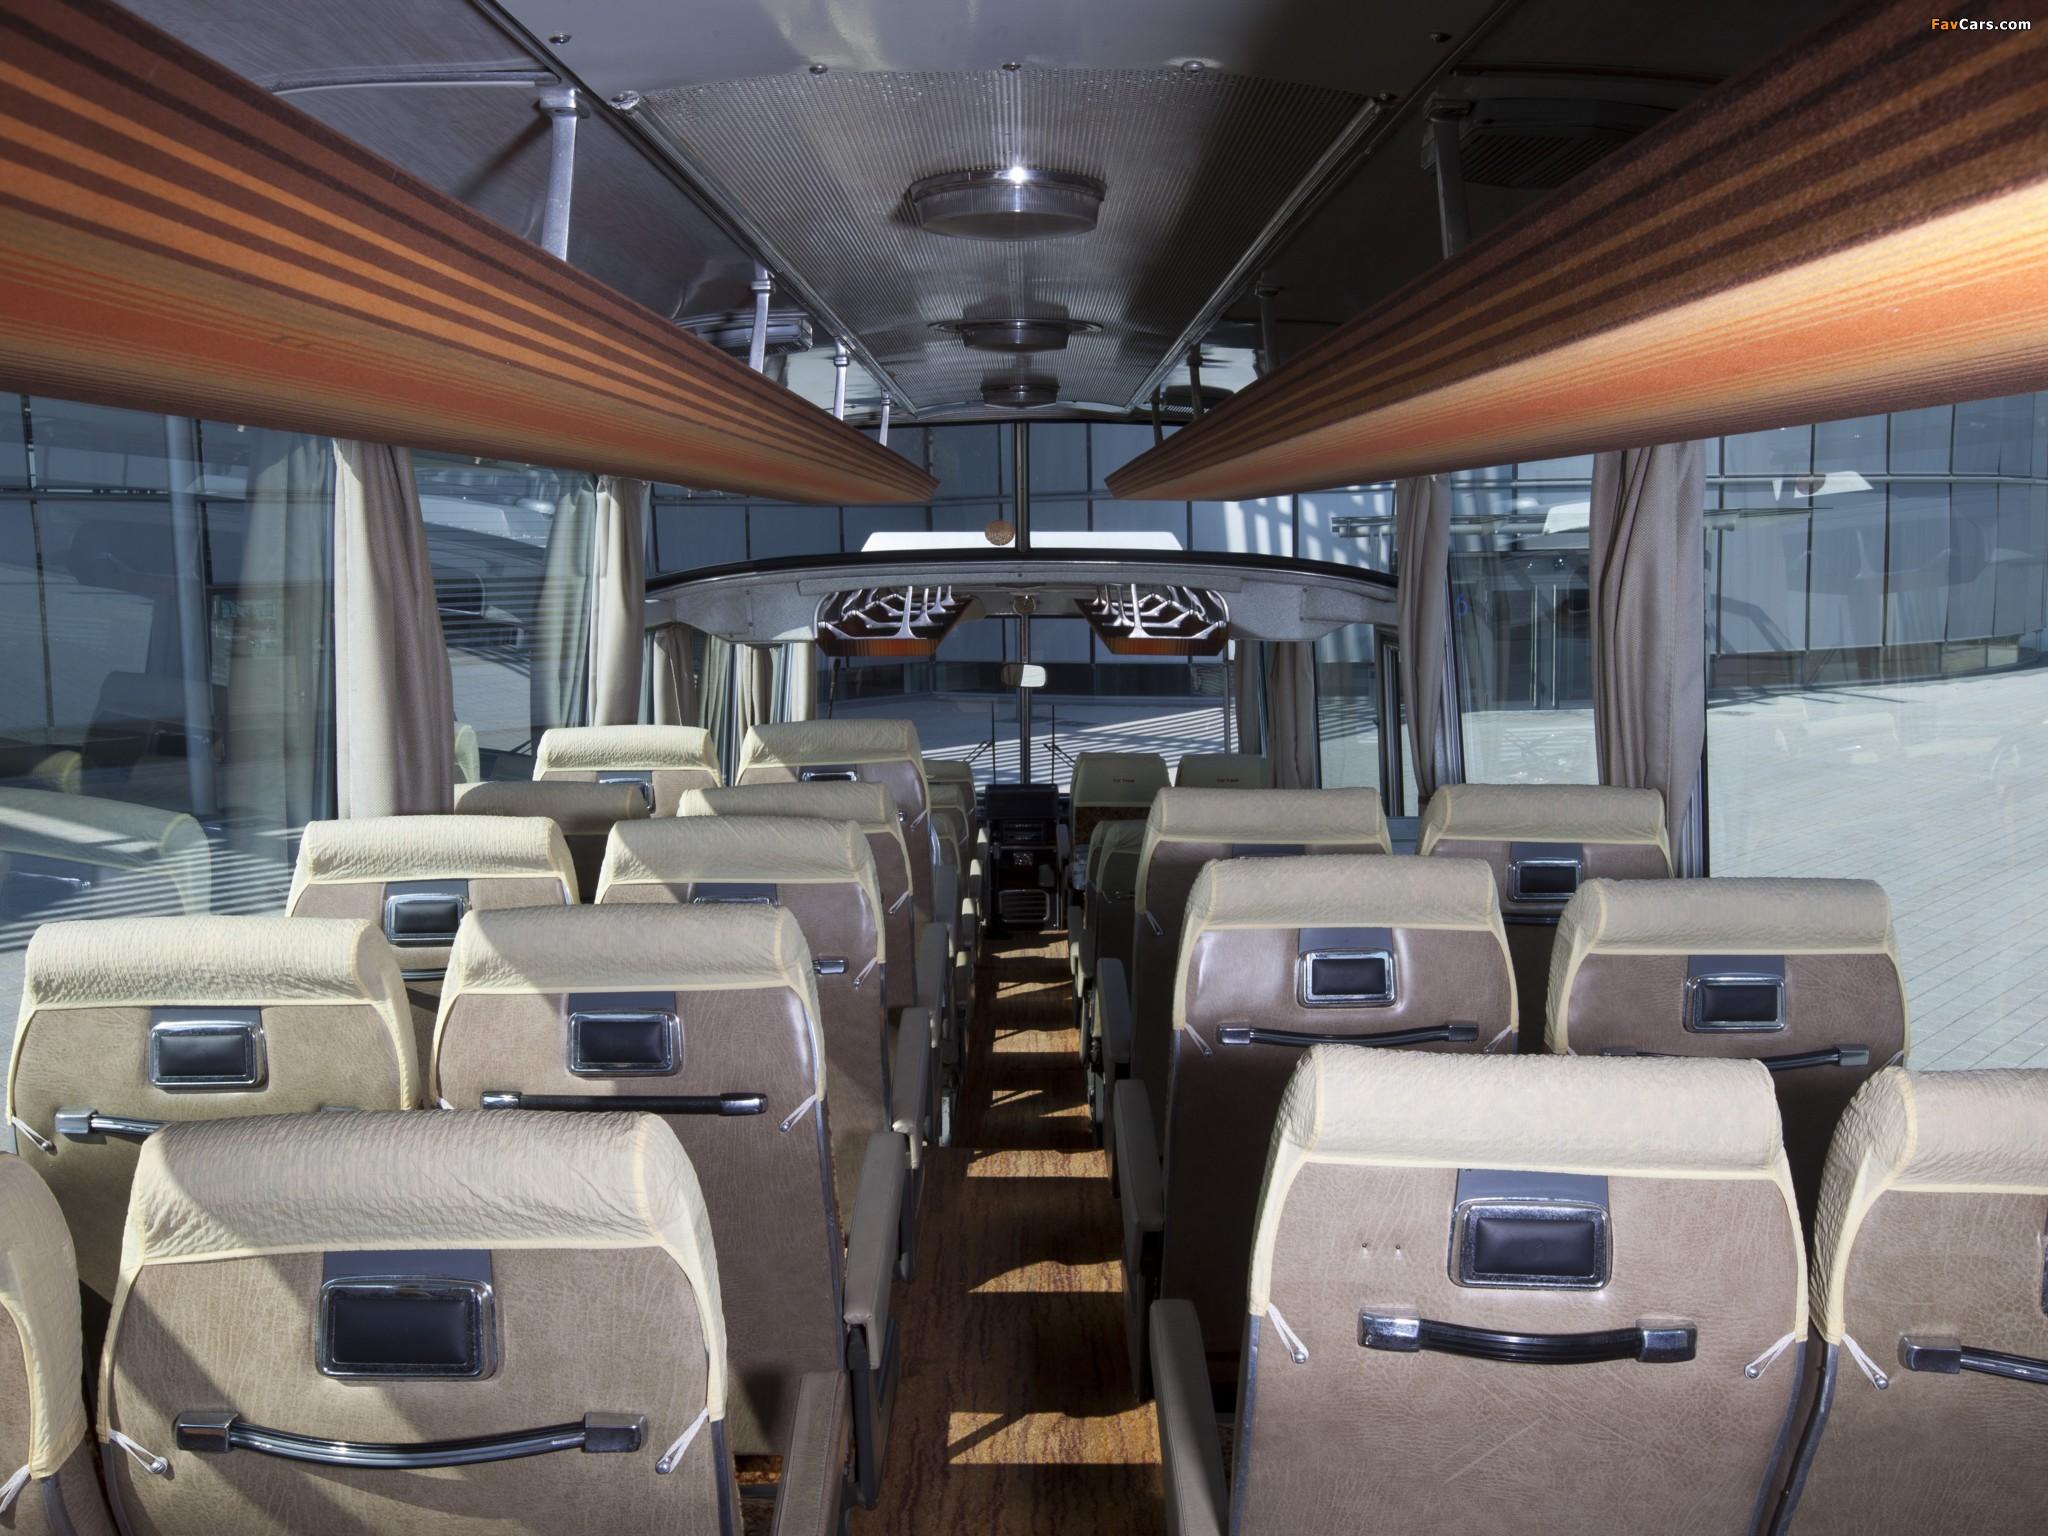 Setra S150 Panoramabus 1967– images (2048 x 1536)